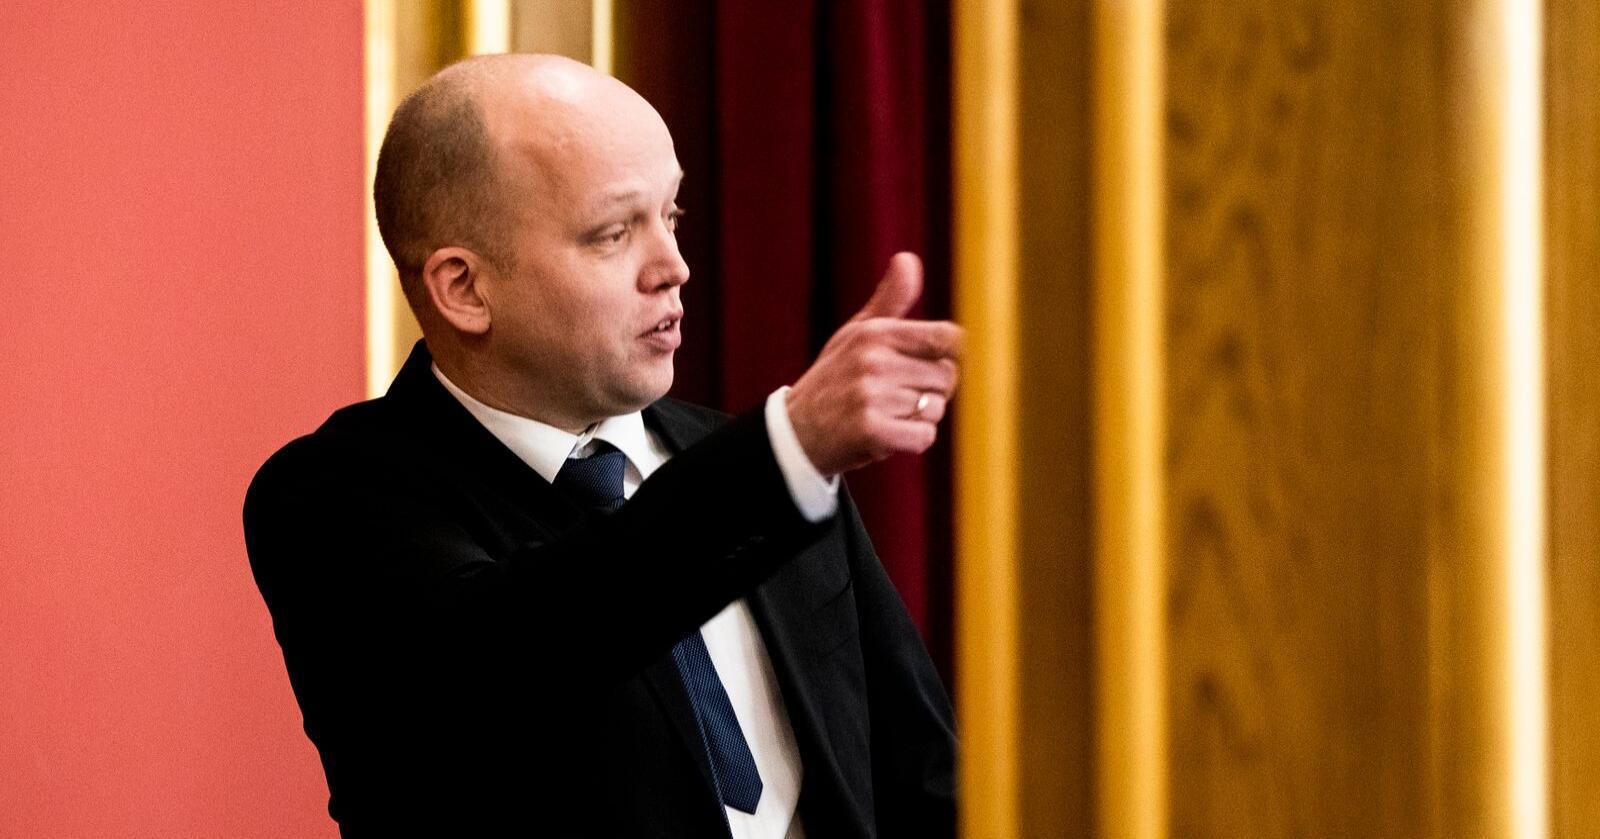 Sp-leder Trygve Slagsvold Vedum tar sikte på regjeringens nye koronautvalg. Foto: Berit Roald / NTB scanpix